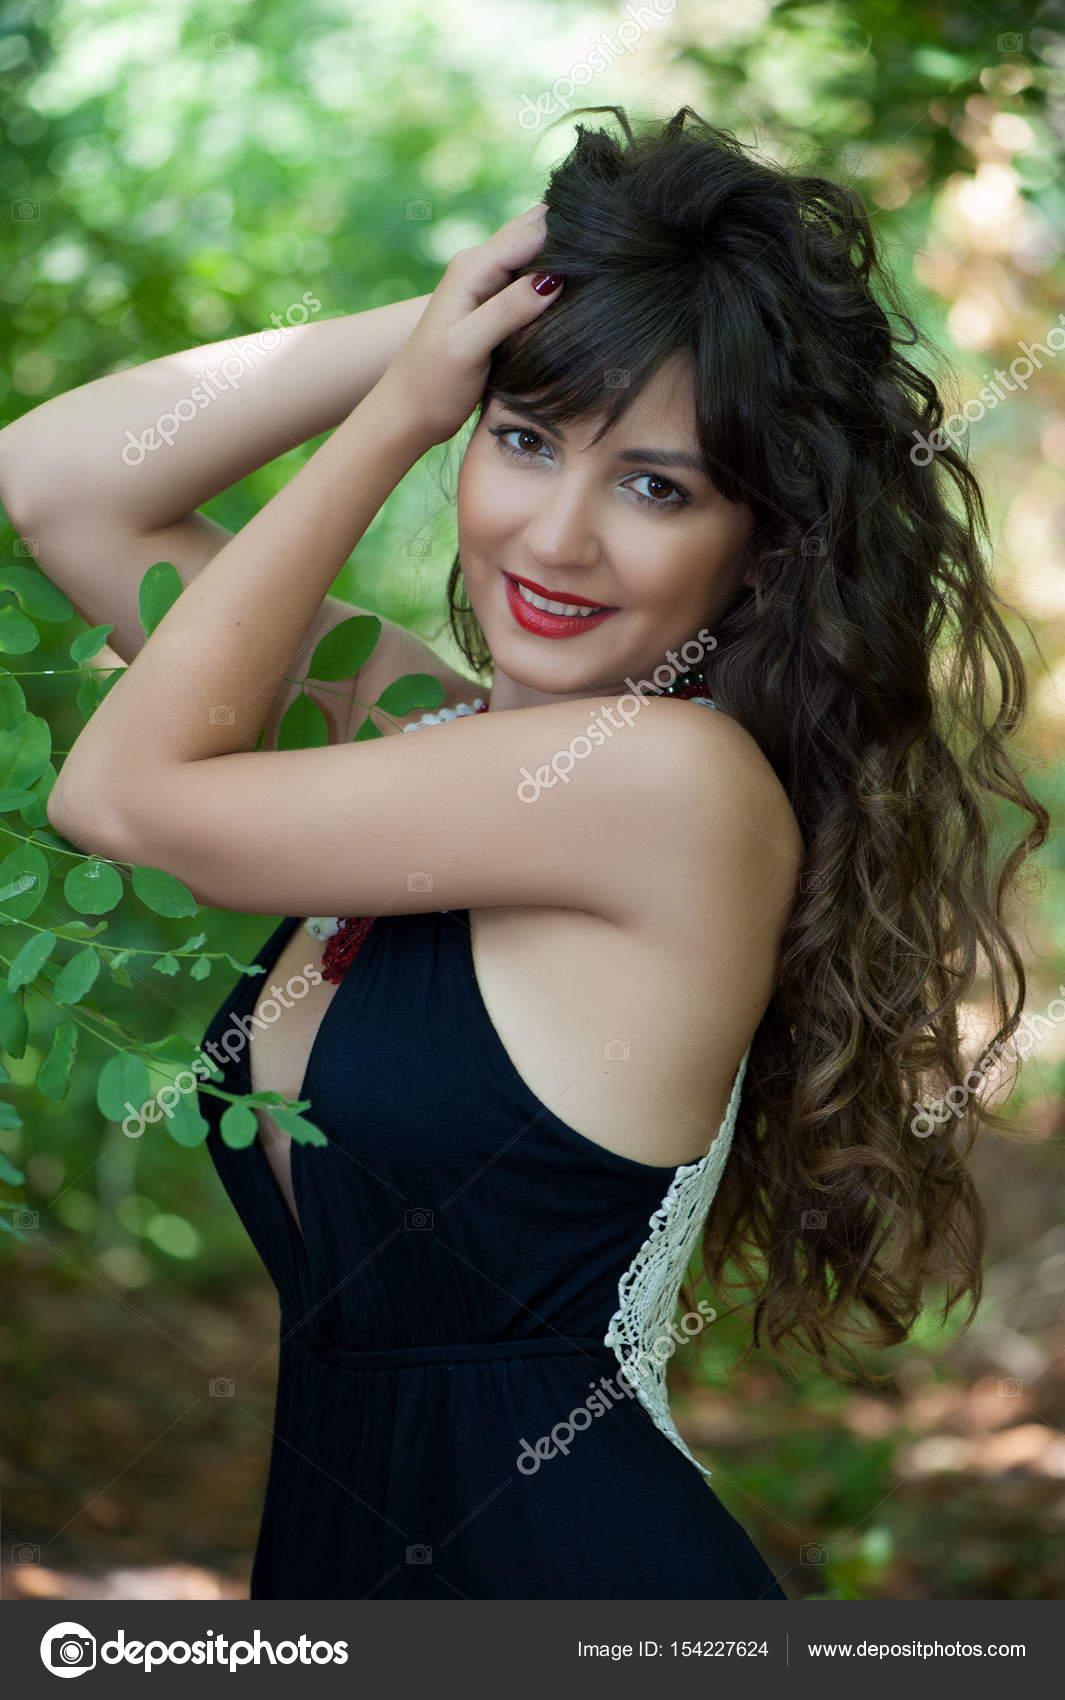 Beautiful Sexy Brunette Girl Stock Photo Yablonski75 154227624